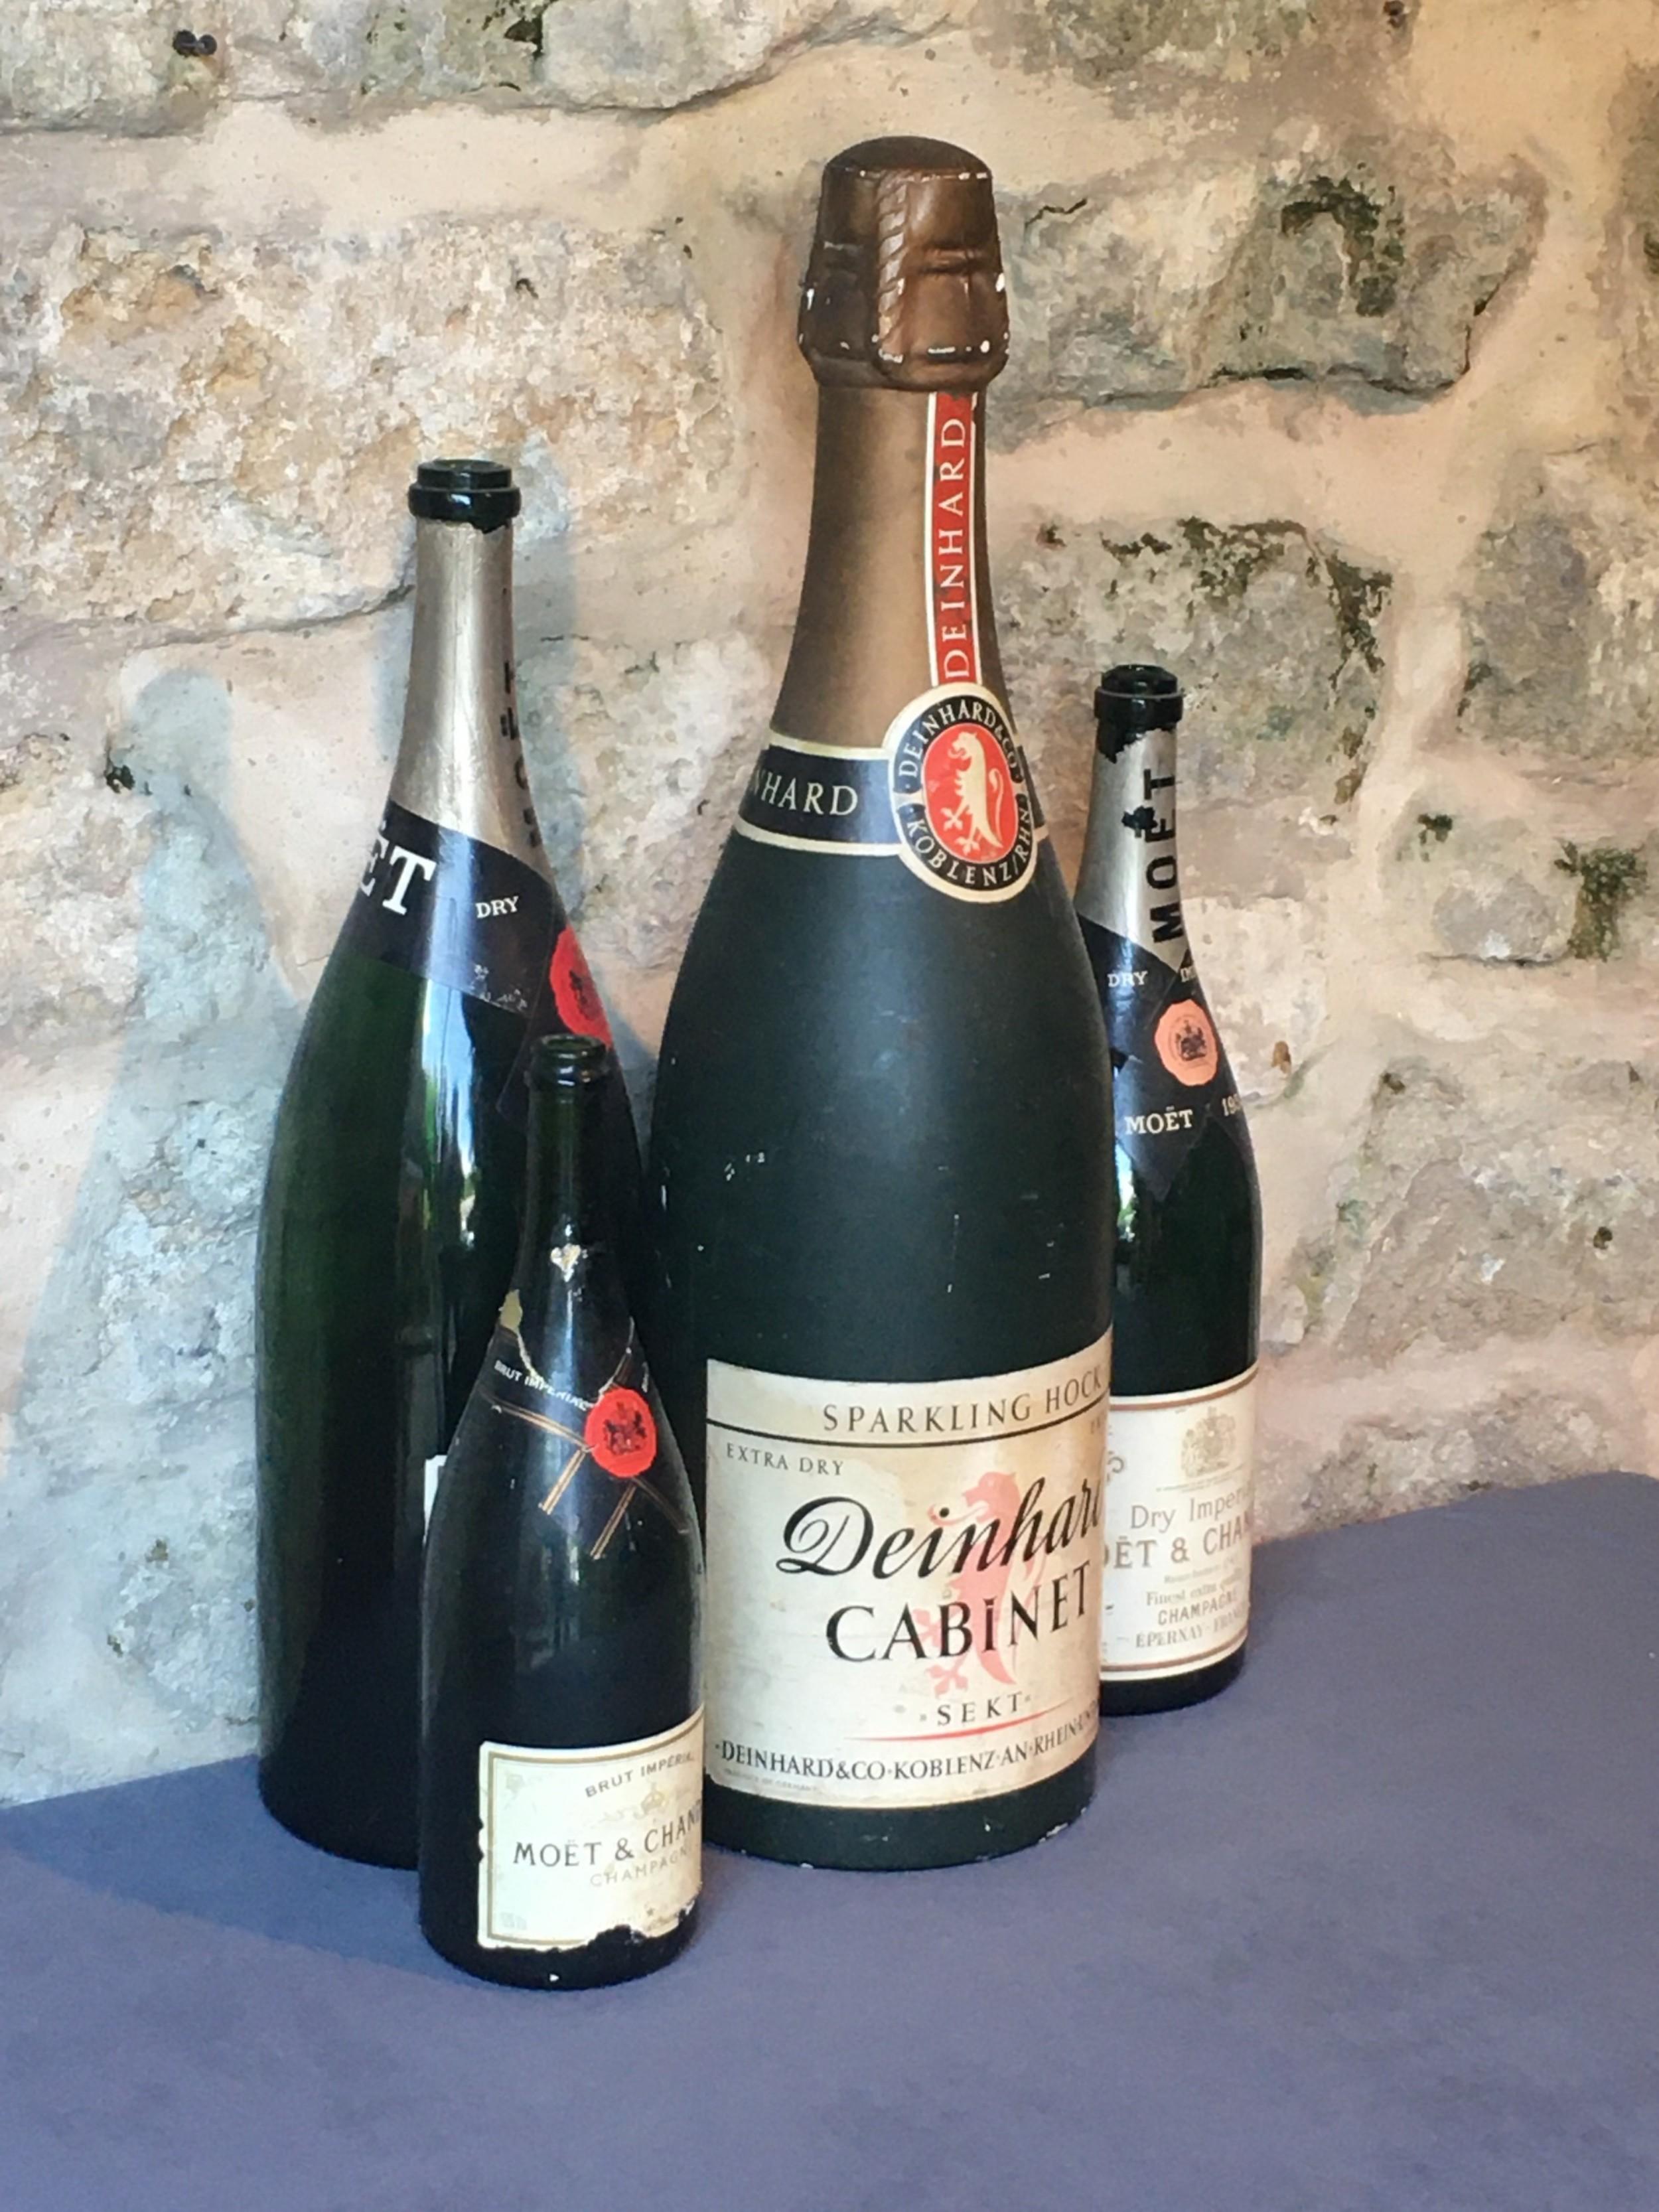 giant advertising sparkling wine bottle 3 more